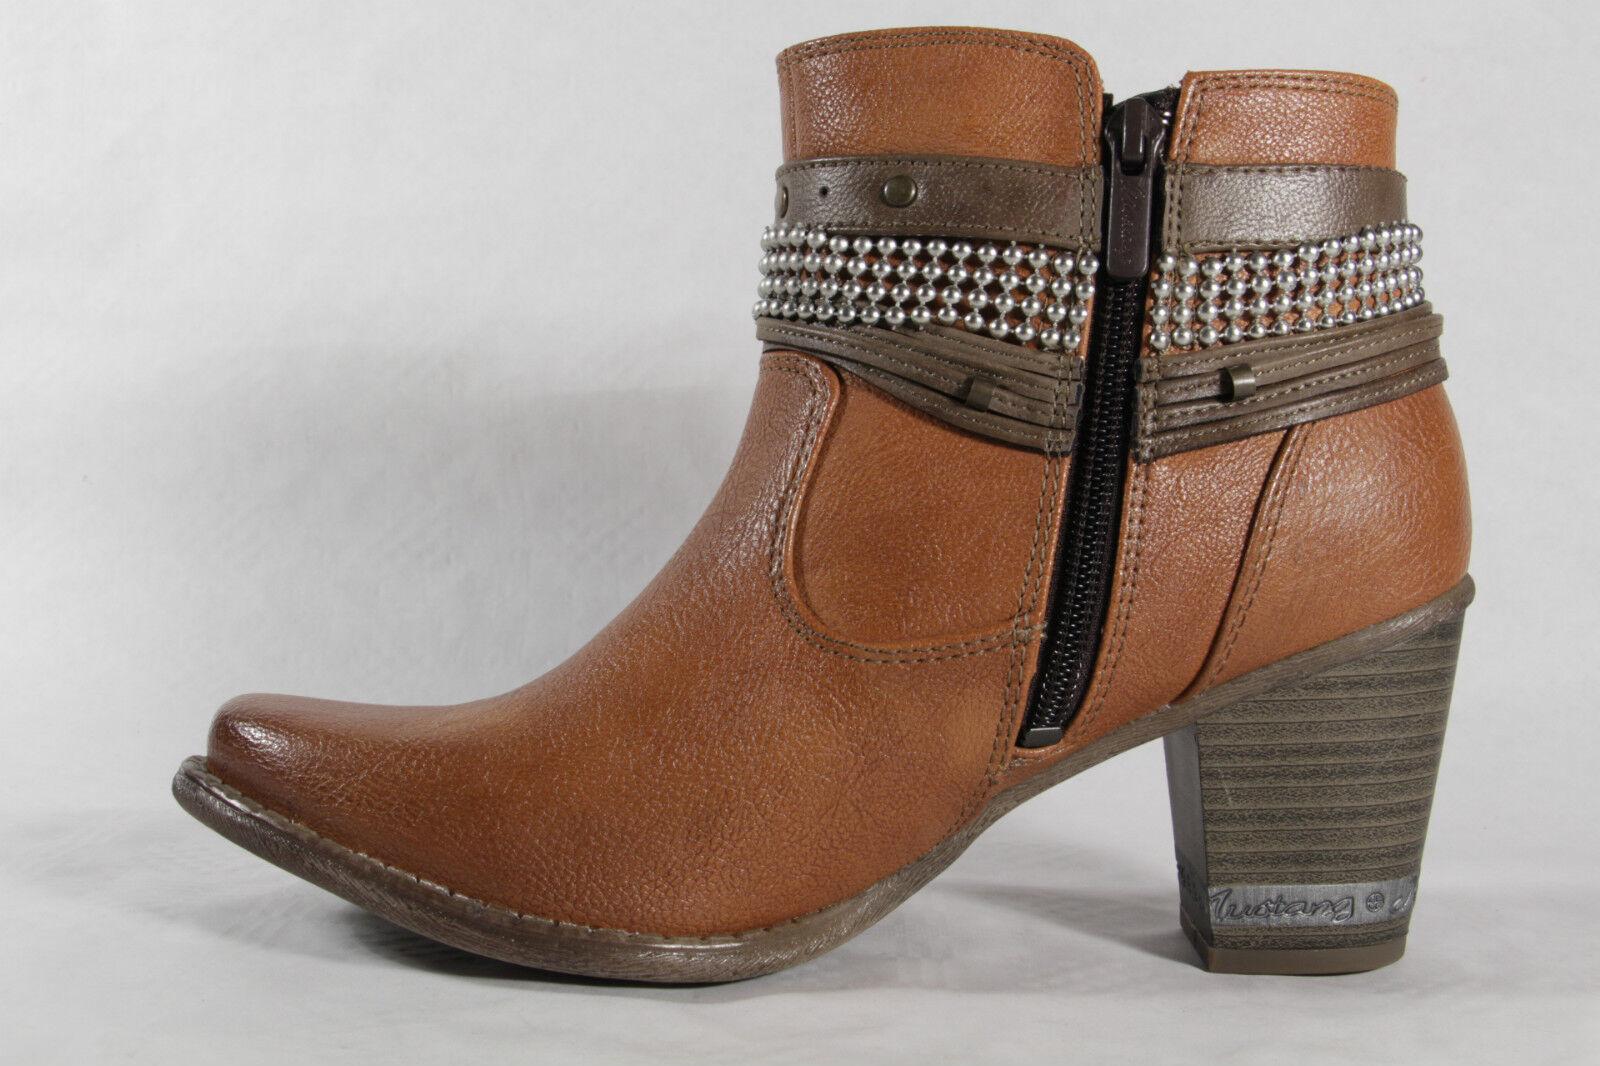 Mustang Damen Stiefel Stiefeletten Stiefel, NEU braun, leicht gefüttert  NEU Stiefel, ad2954